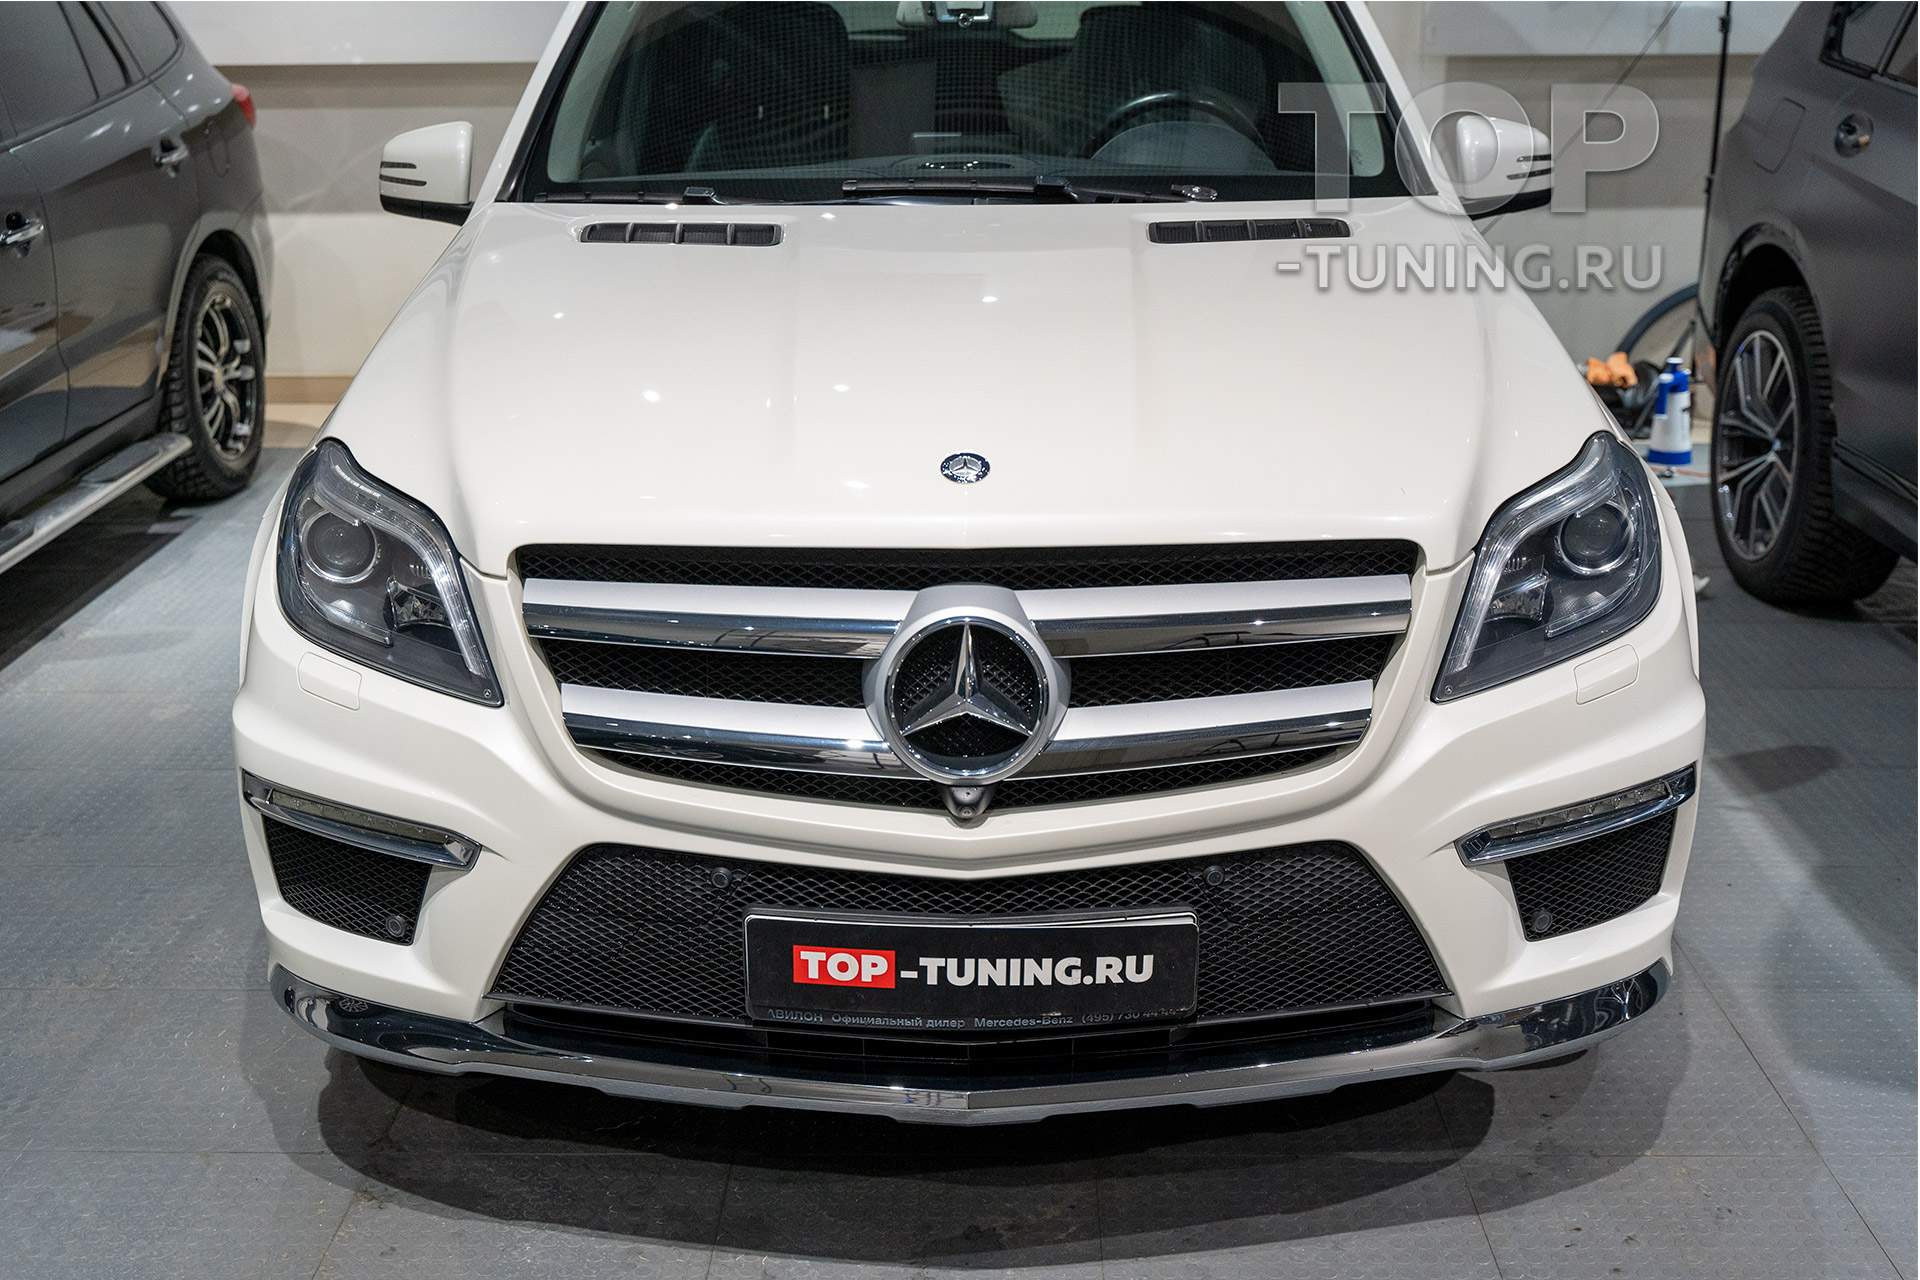 Решетка радиатора и AMG пакет для Mercedes-Benz GL X166